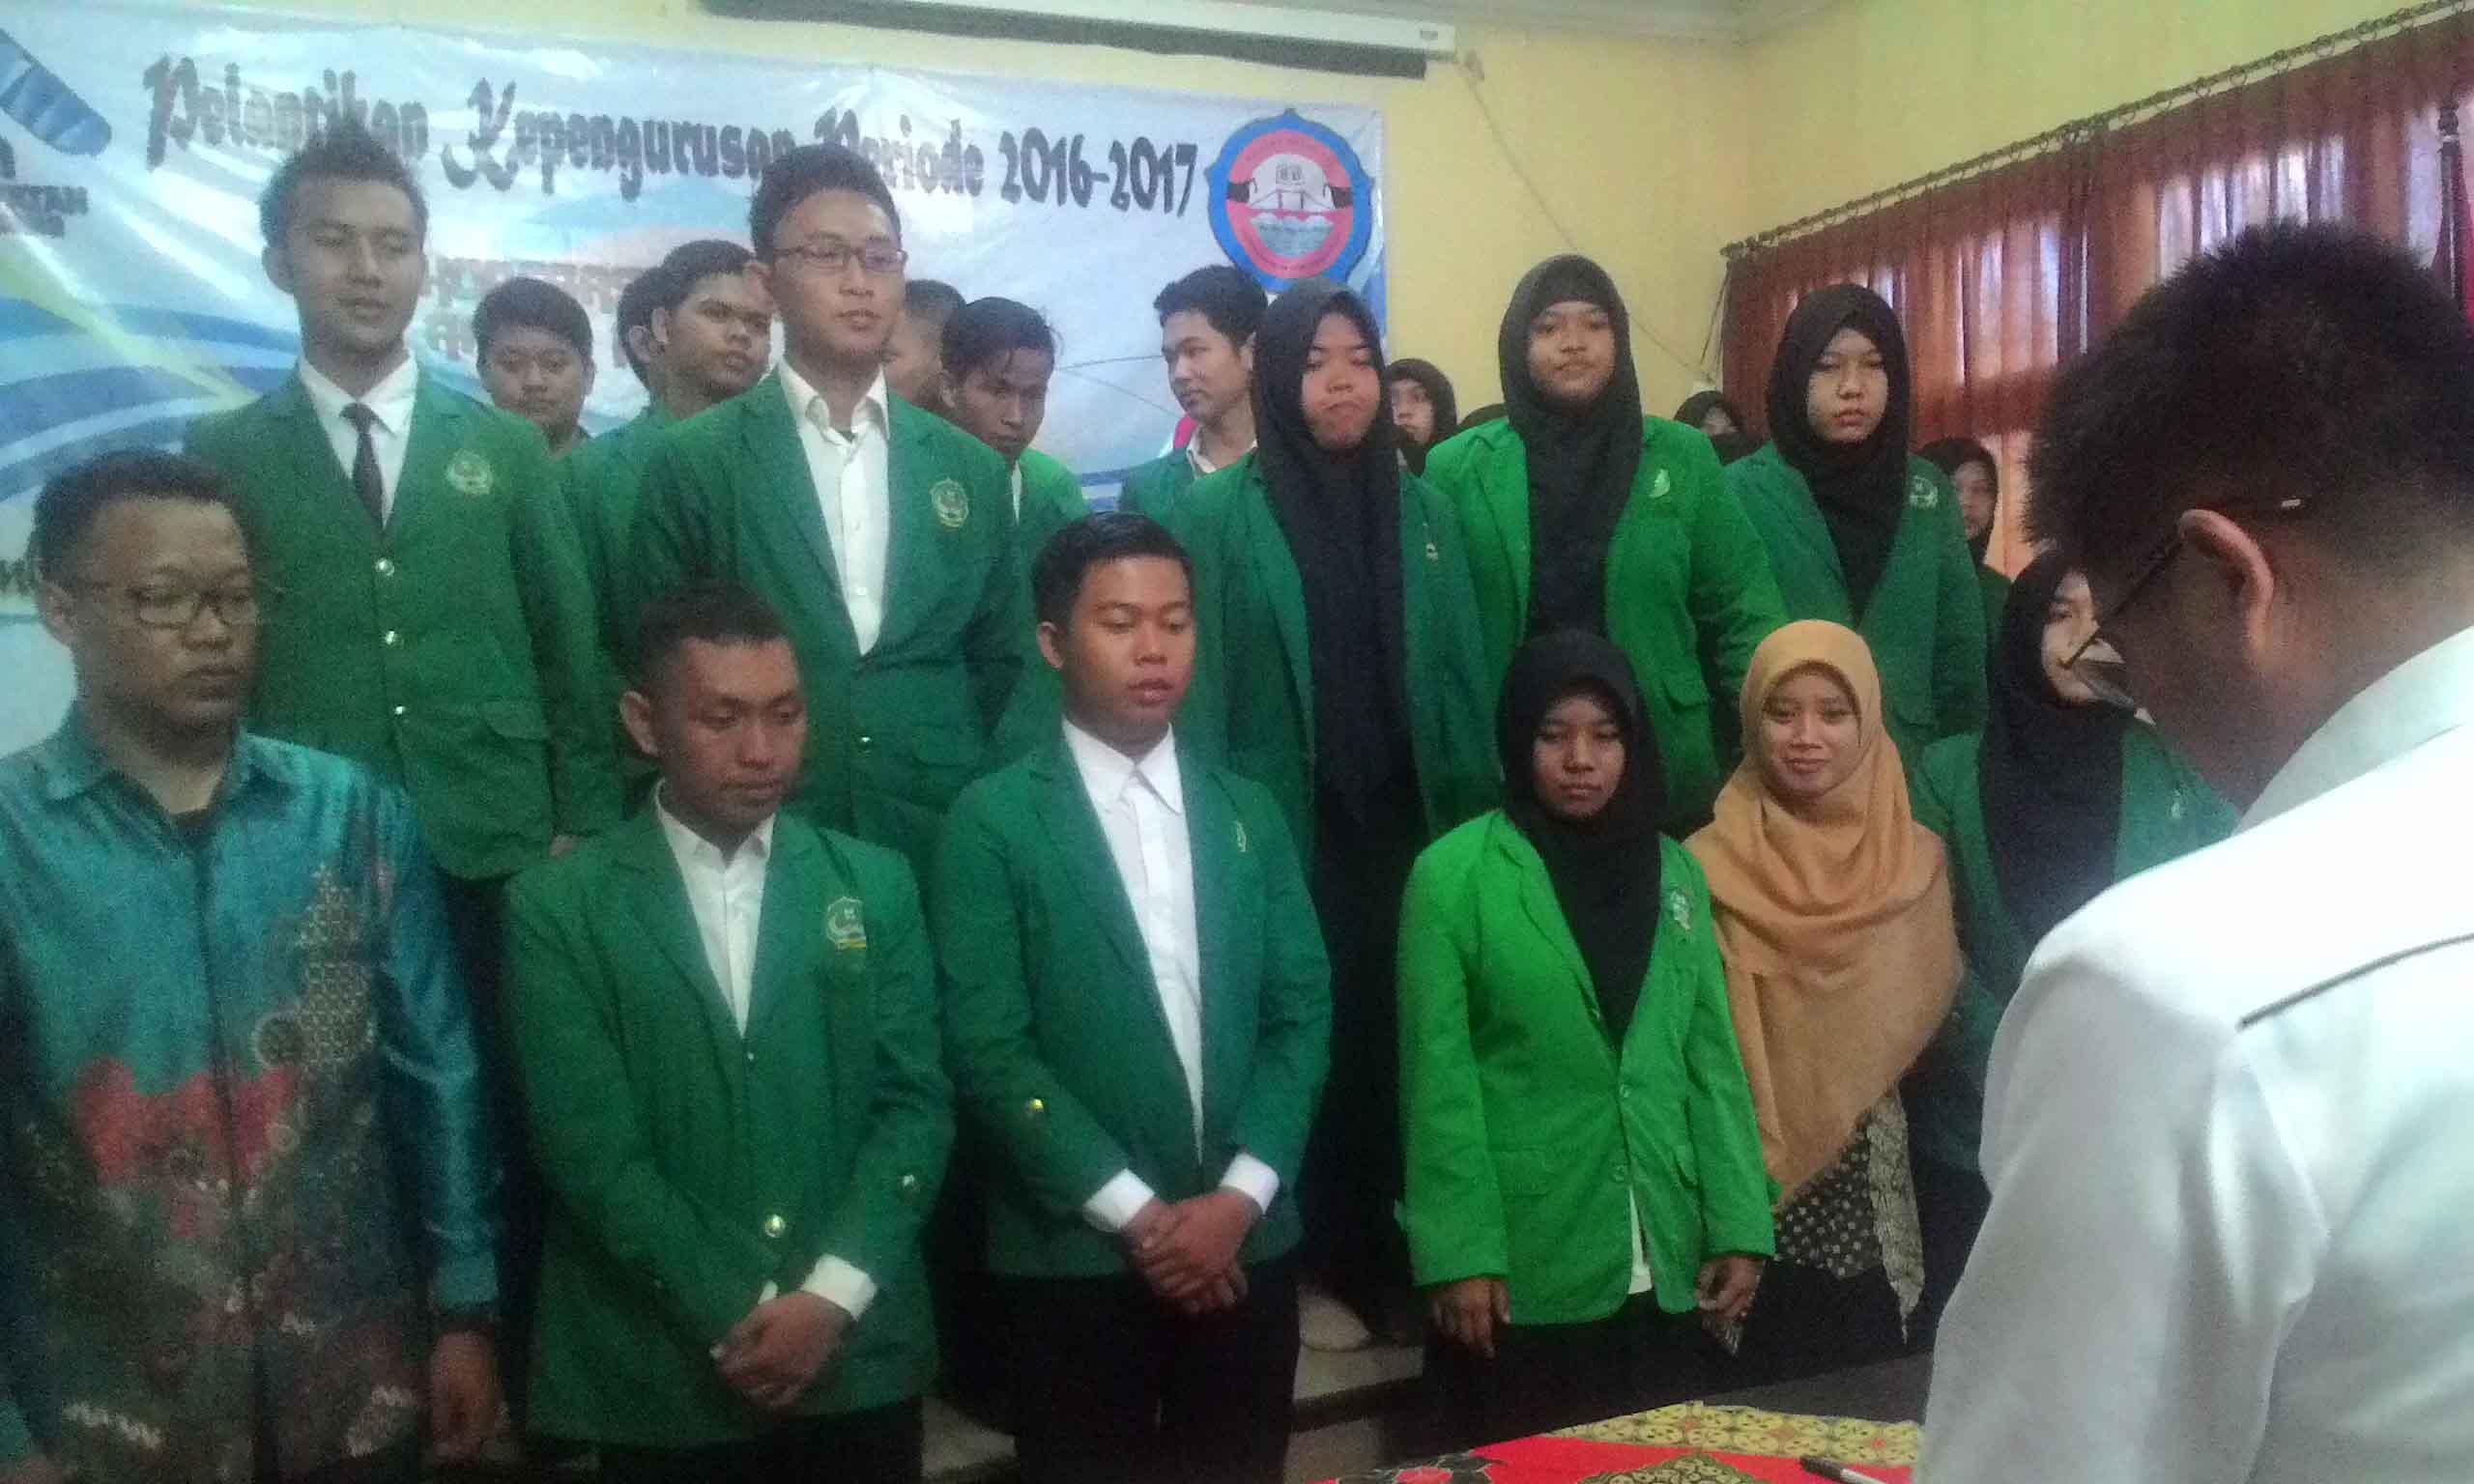 Foto : Regi Terlihat Heri Junaidi sedang melantik pengurus baru UKMK Koperasi Mahasiswa UIN Raden Fatah Palembang. Bertempat di Ruang Munaqosa Fakultas Syariah dan Hukum pada Selasa (7/3/2016).